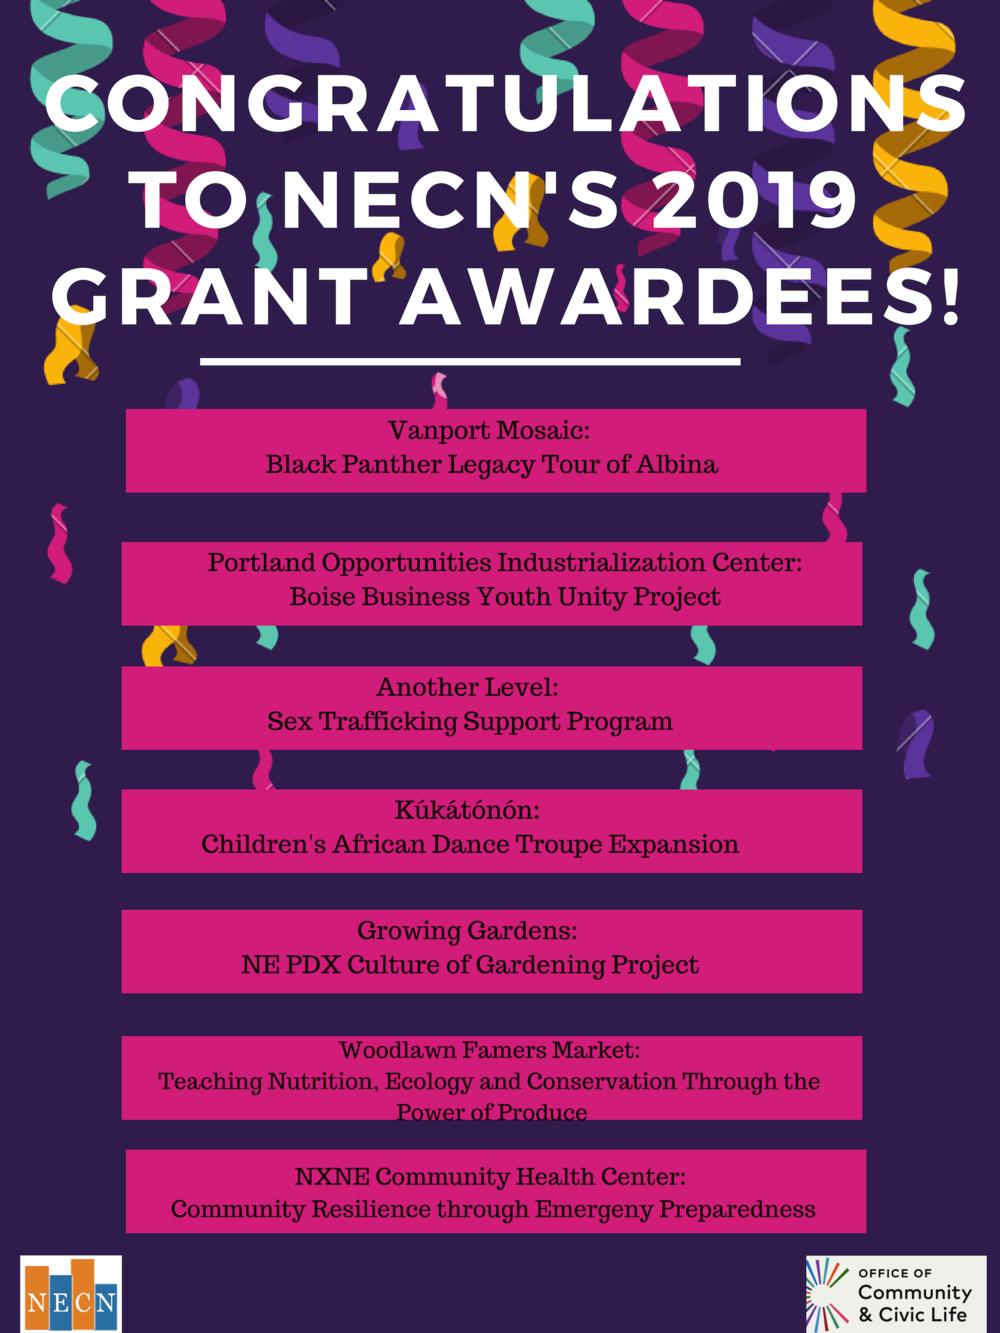 2019 Grant Awardees Congrats (1).png